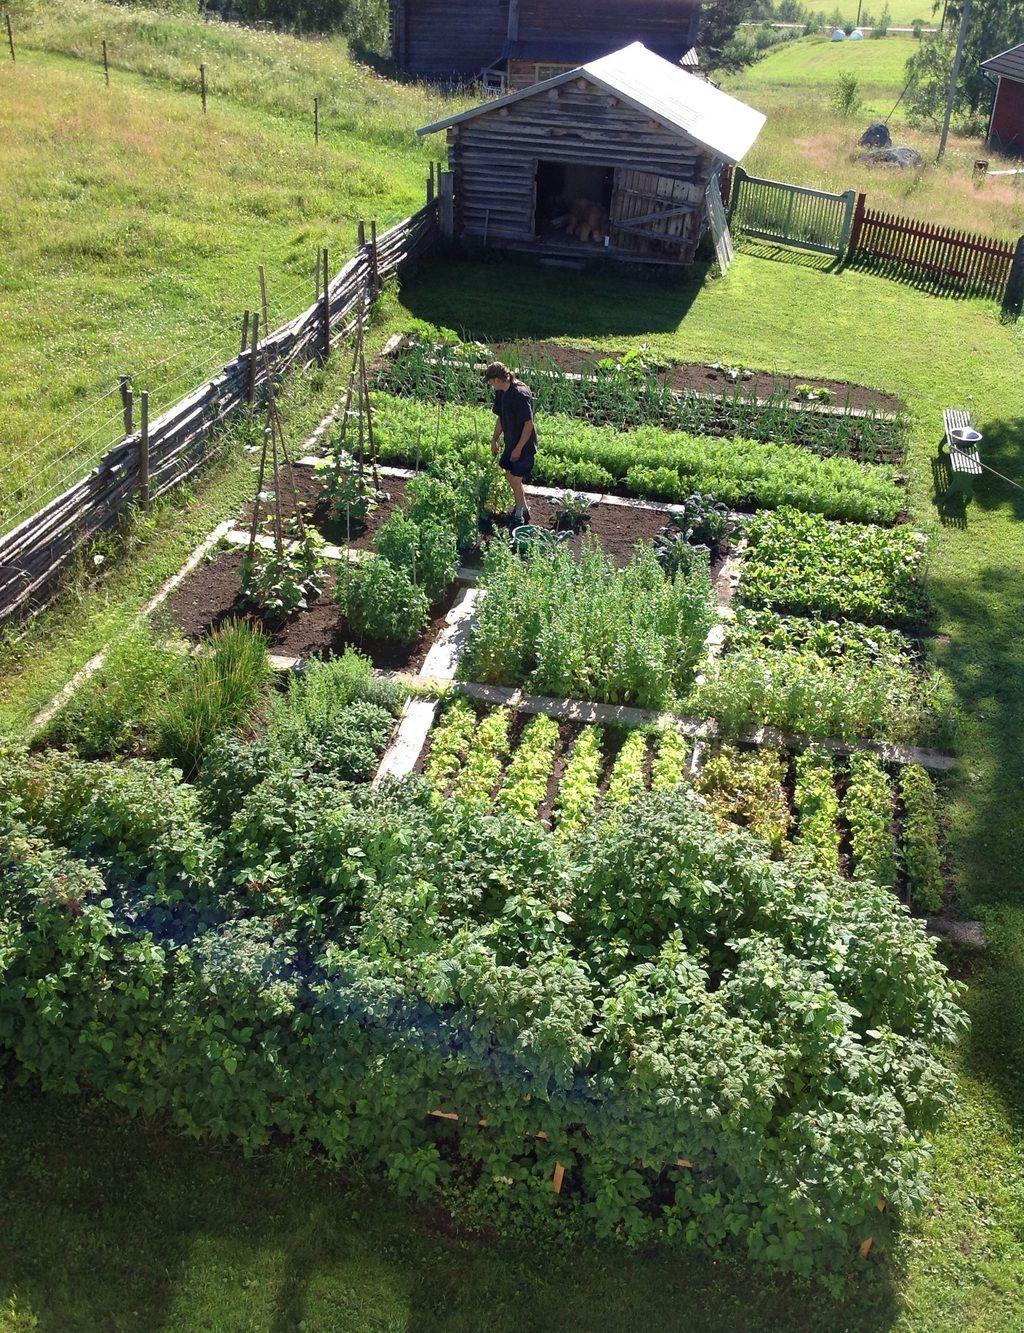 Pin on Vertical Farming/ Urban Gardening